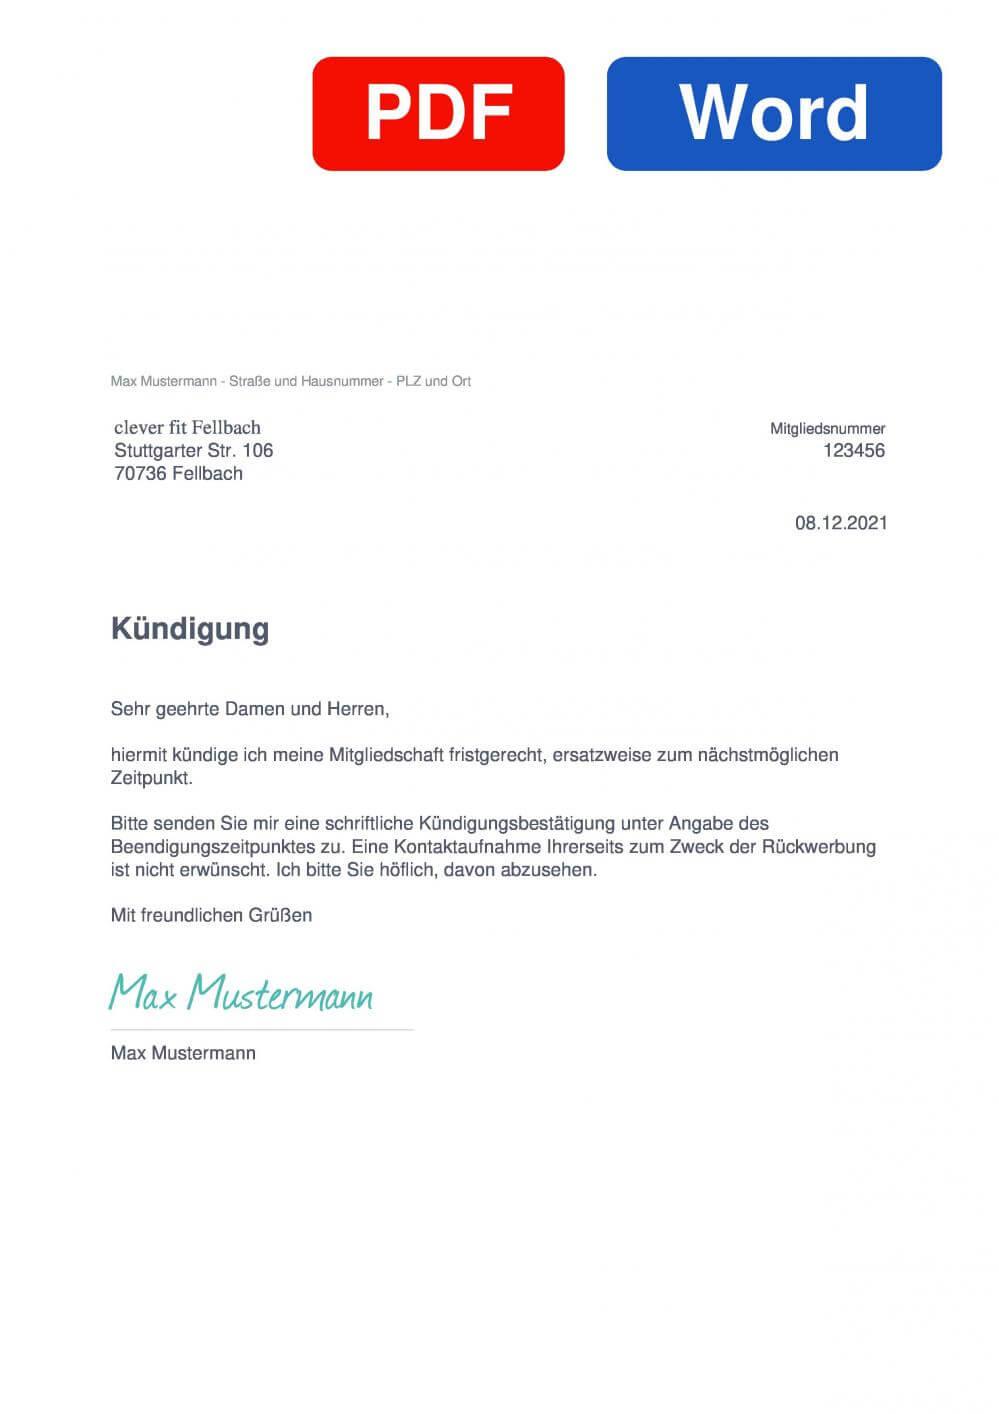 Clever Fit Fellbach Muster Vorlage für Kündigungsschreiben